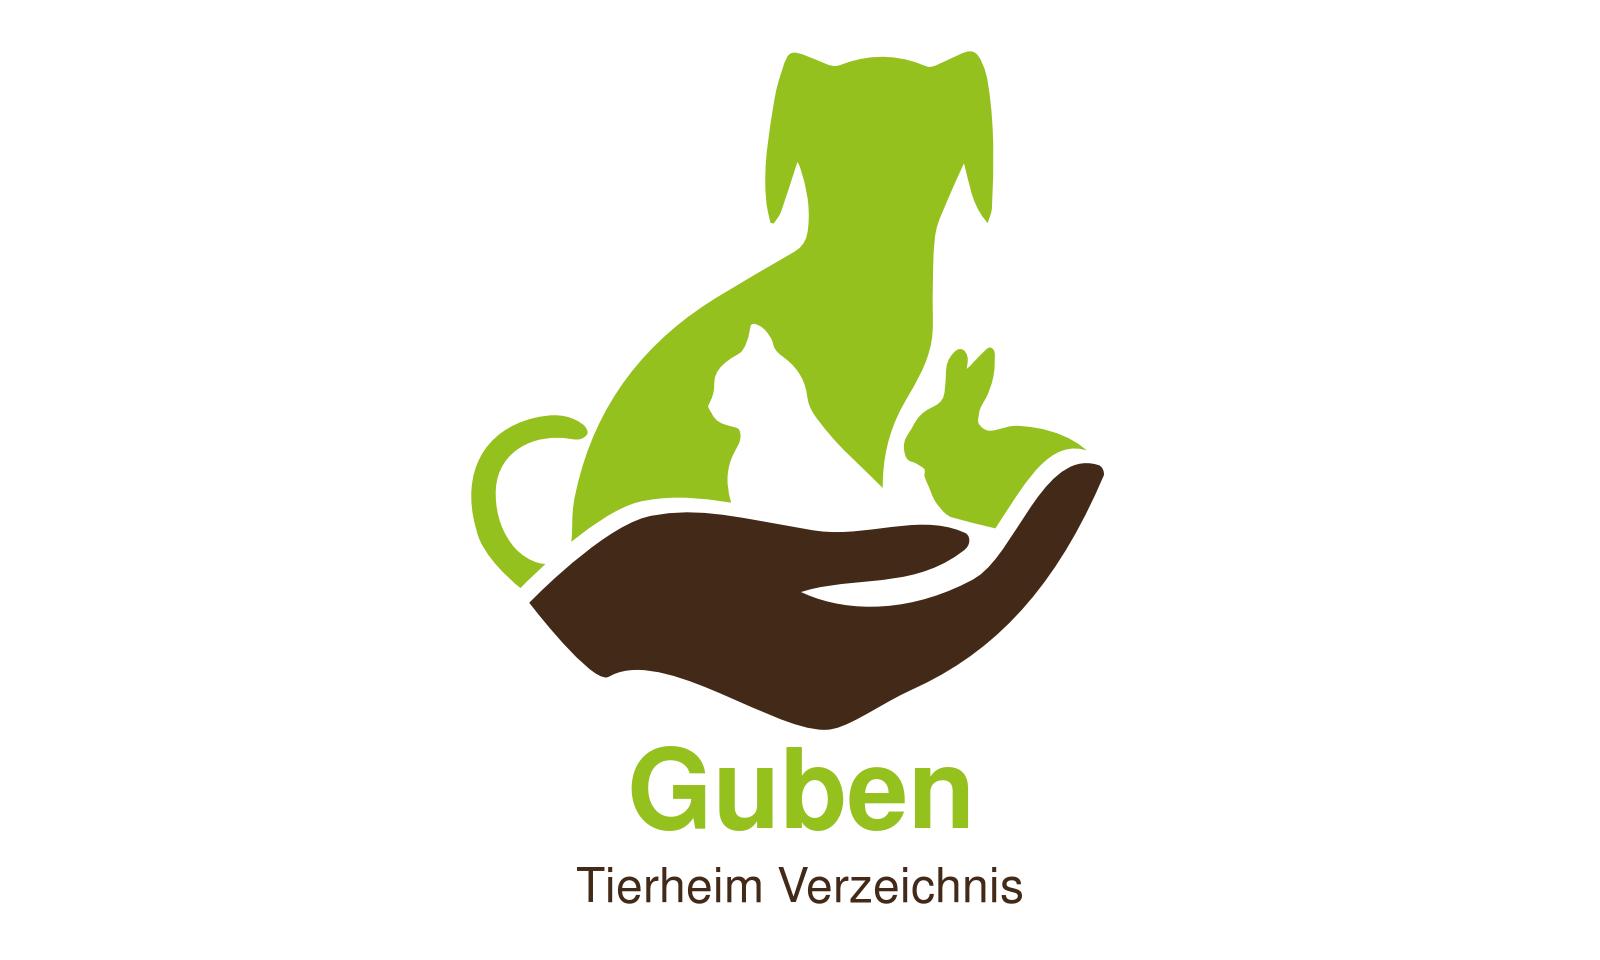 tierheim guben